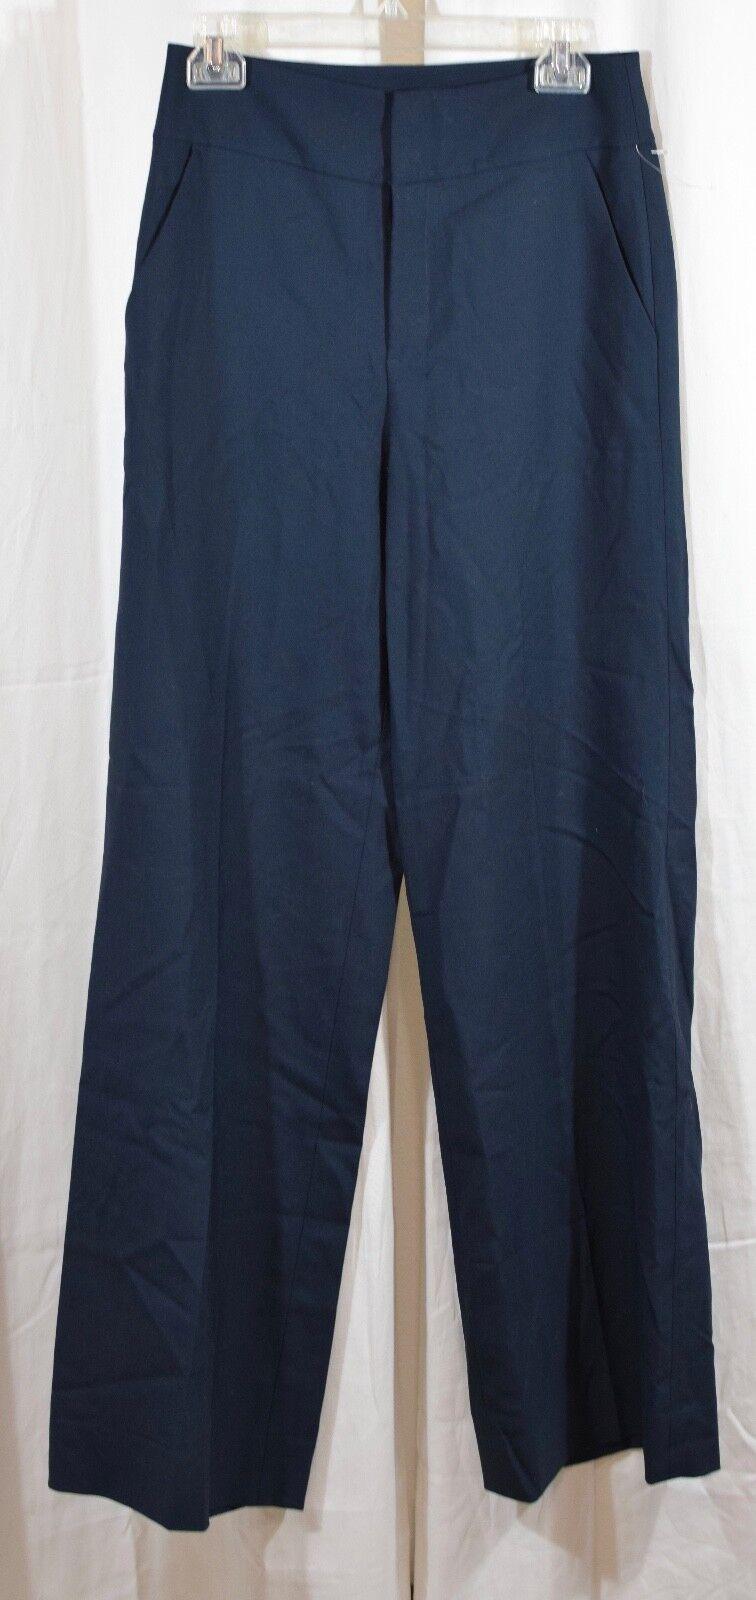 FRAME True Tux Wool Pants in Navy Size 6